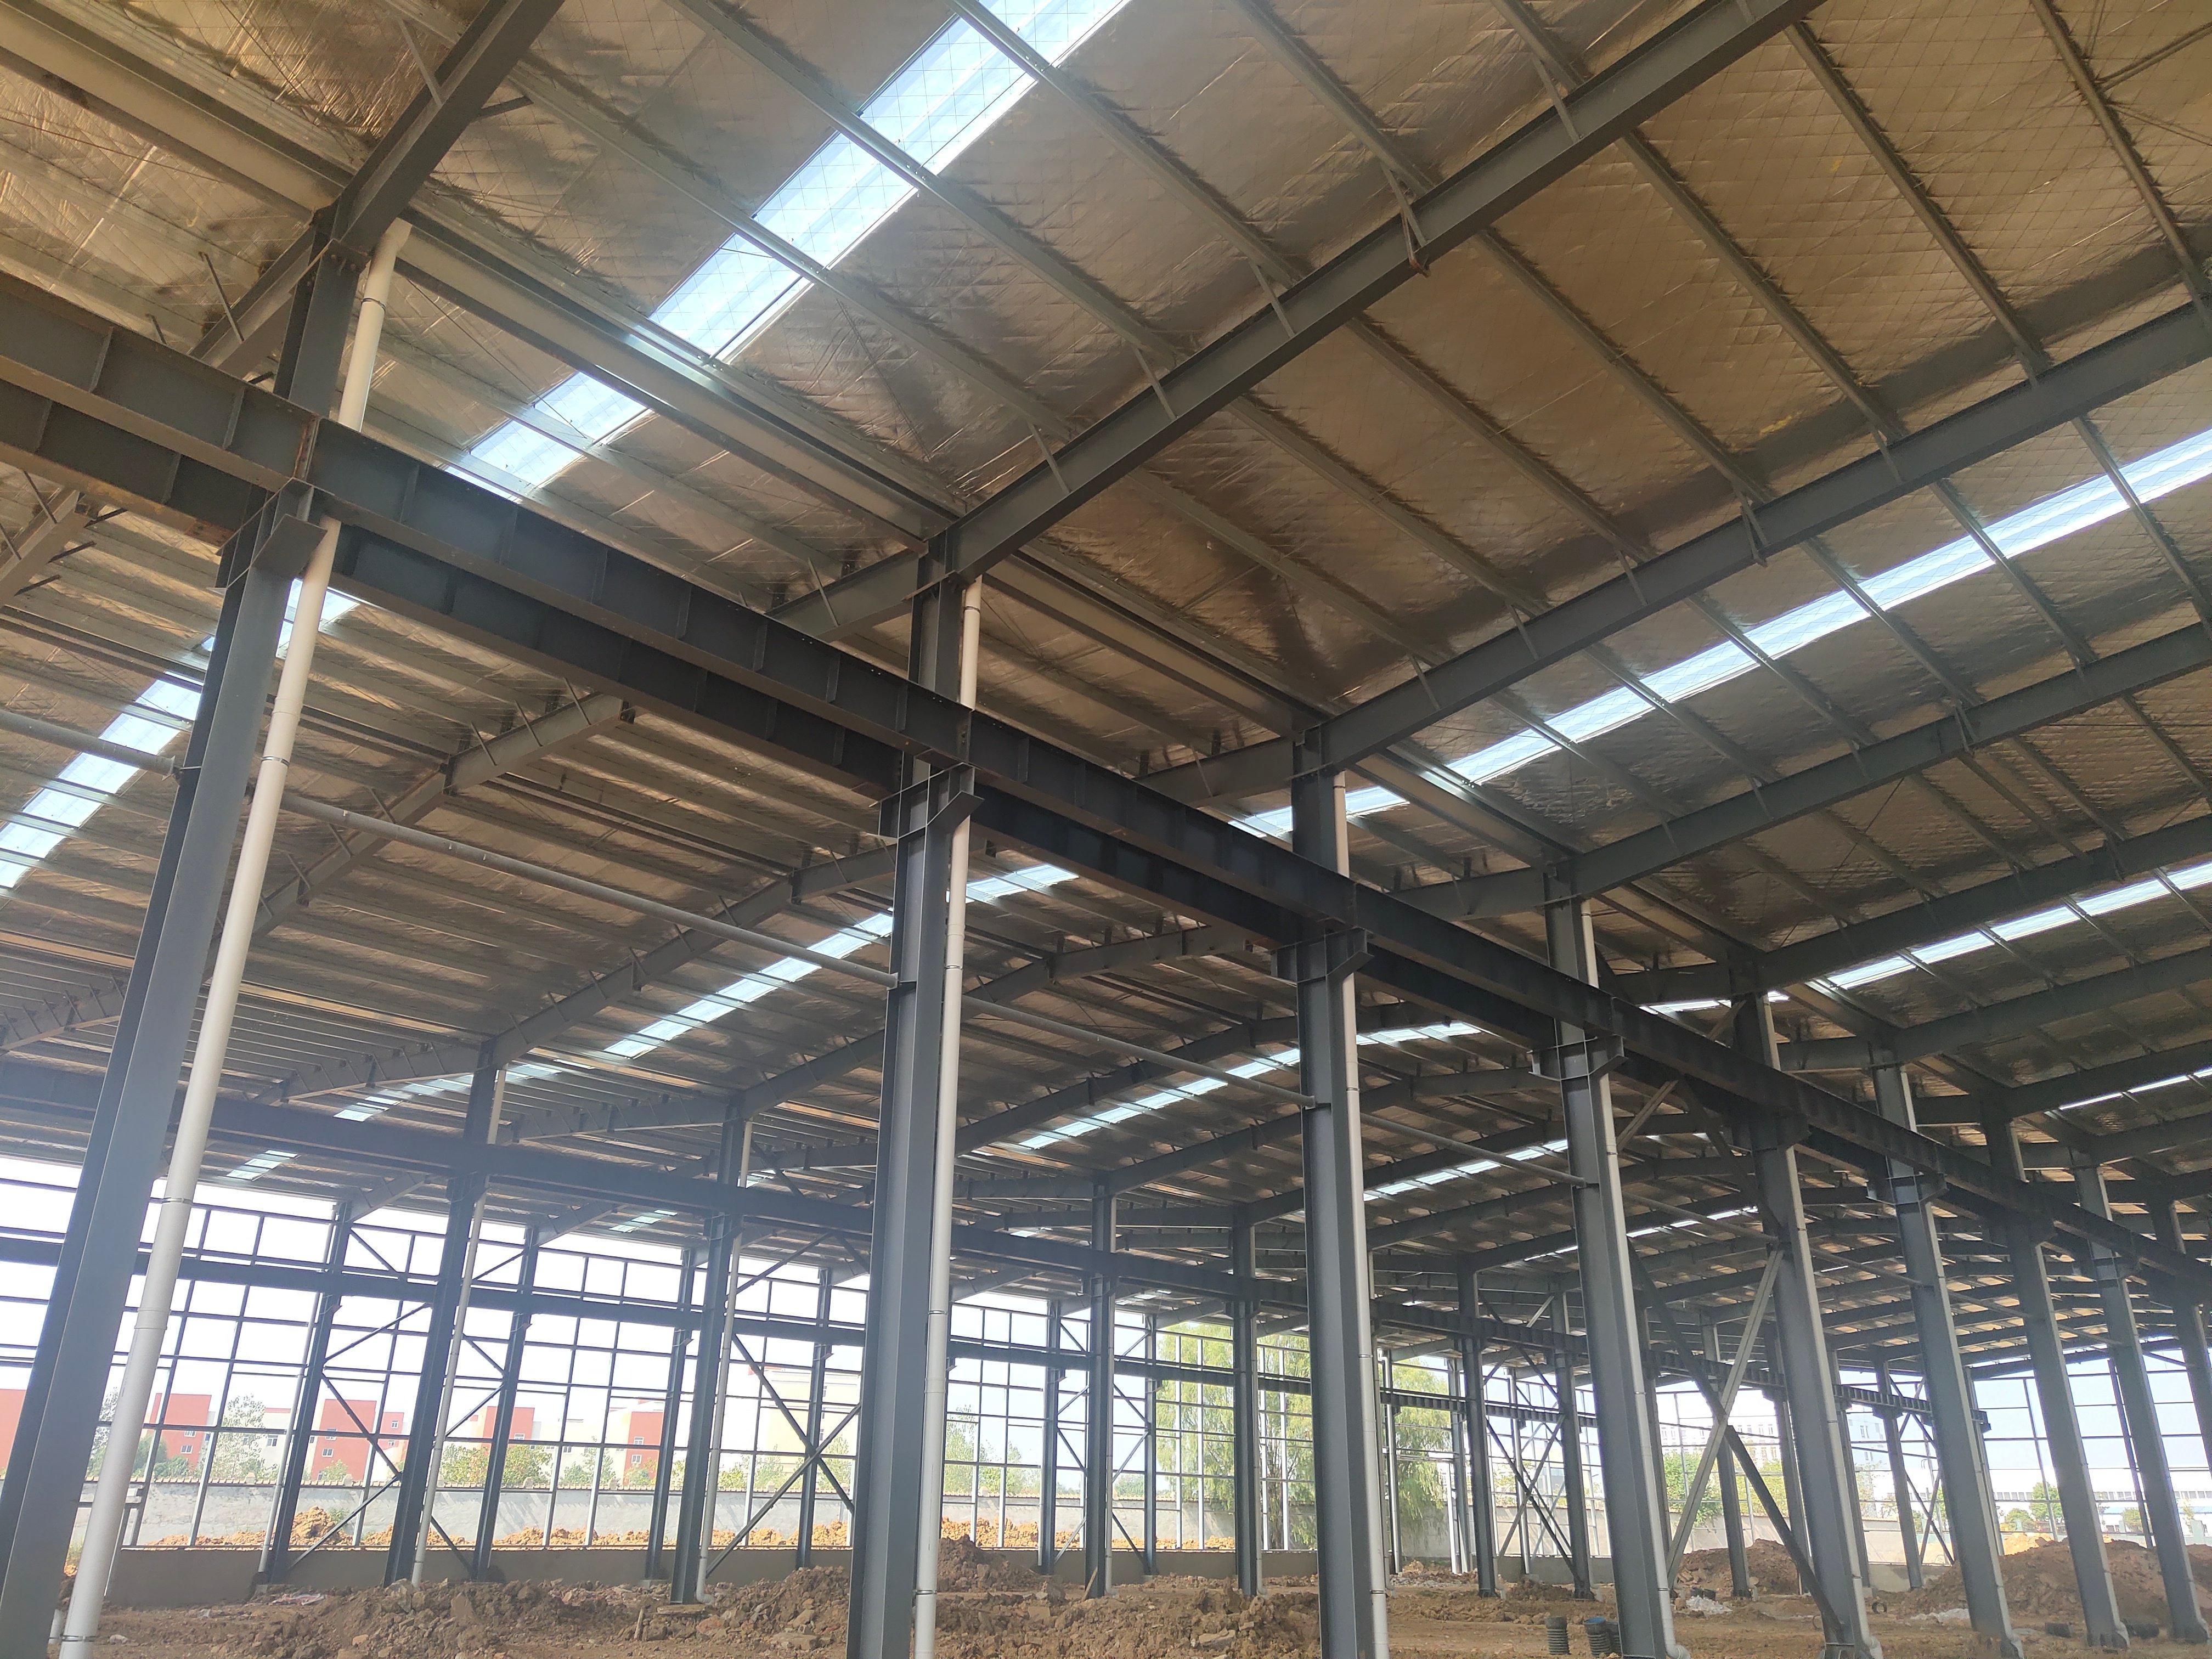 售前川24米跨高标钢构厂房,高11.8米-图2